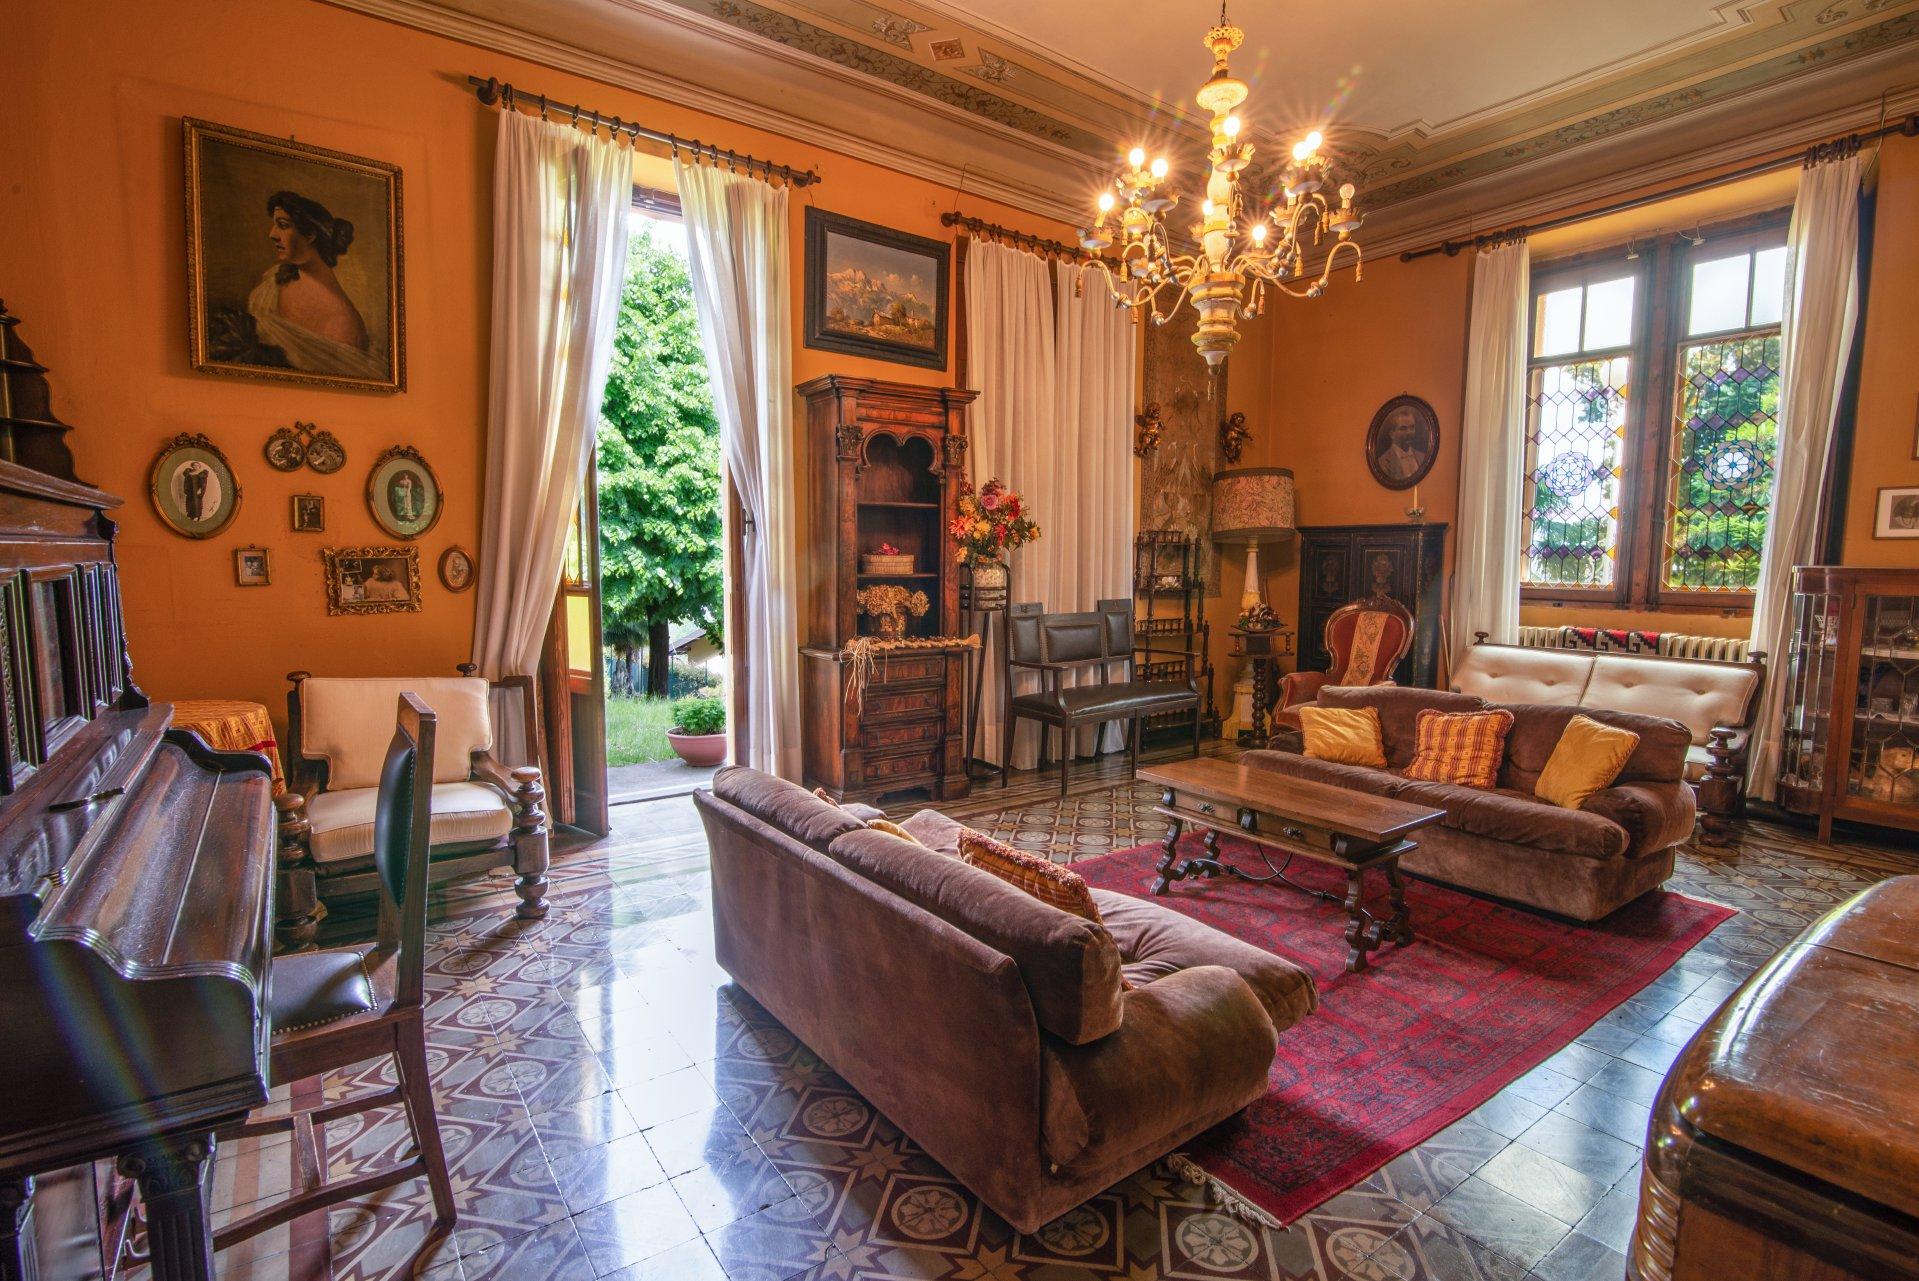 Proprietà storica in vendita al Lago Maggiore- ampio soggiorno